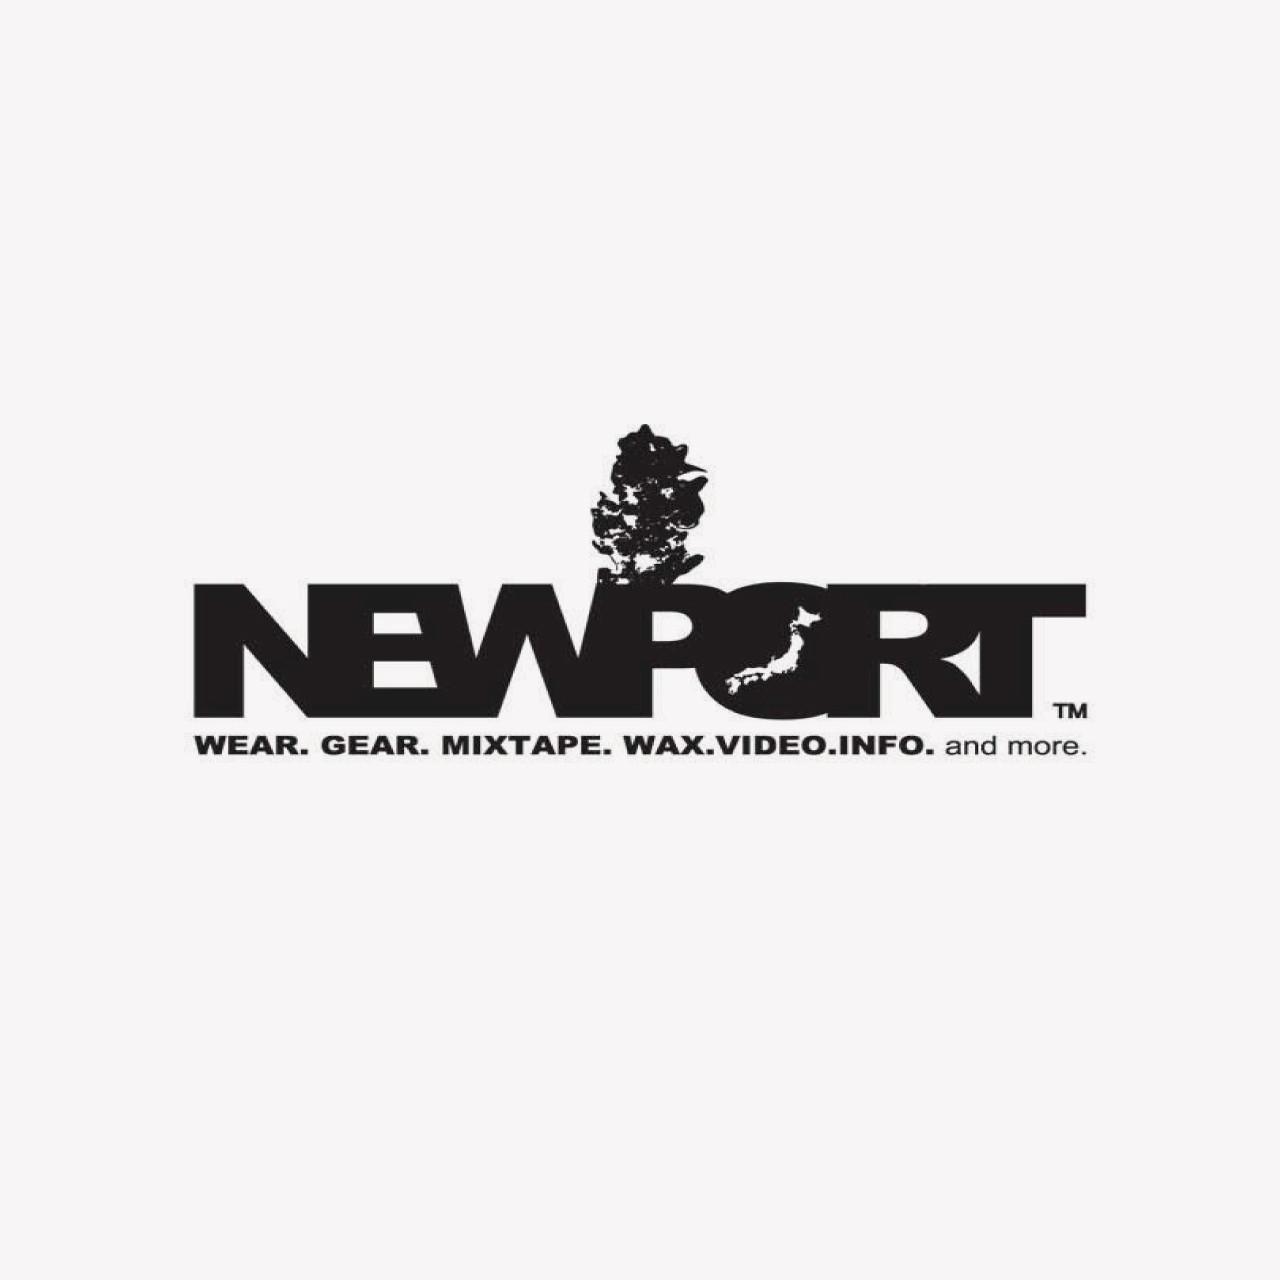 紹介「NEWPORT」